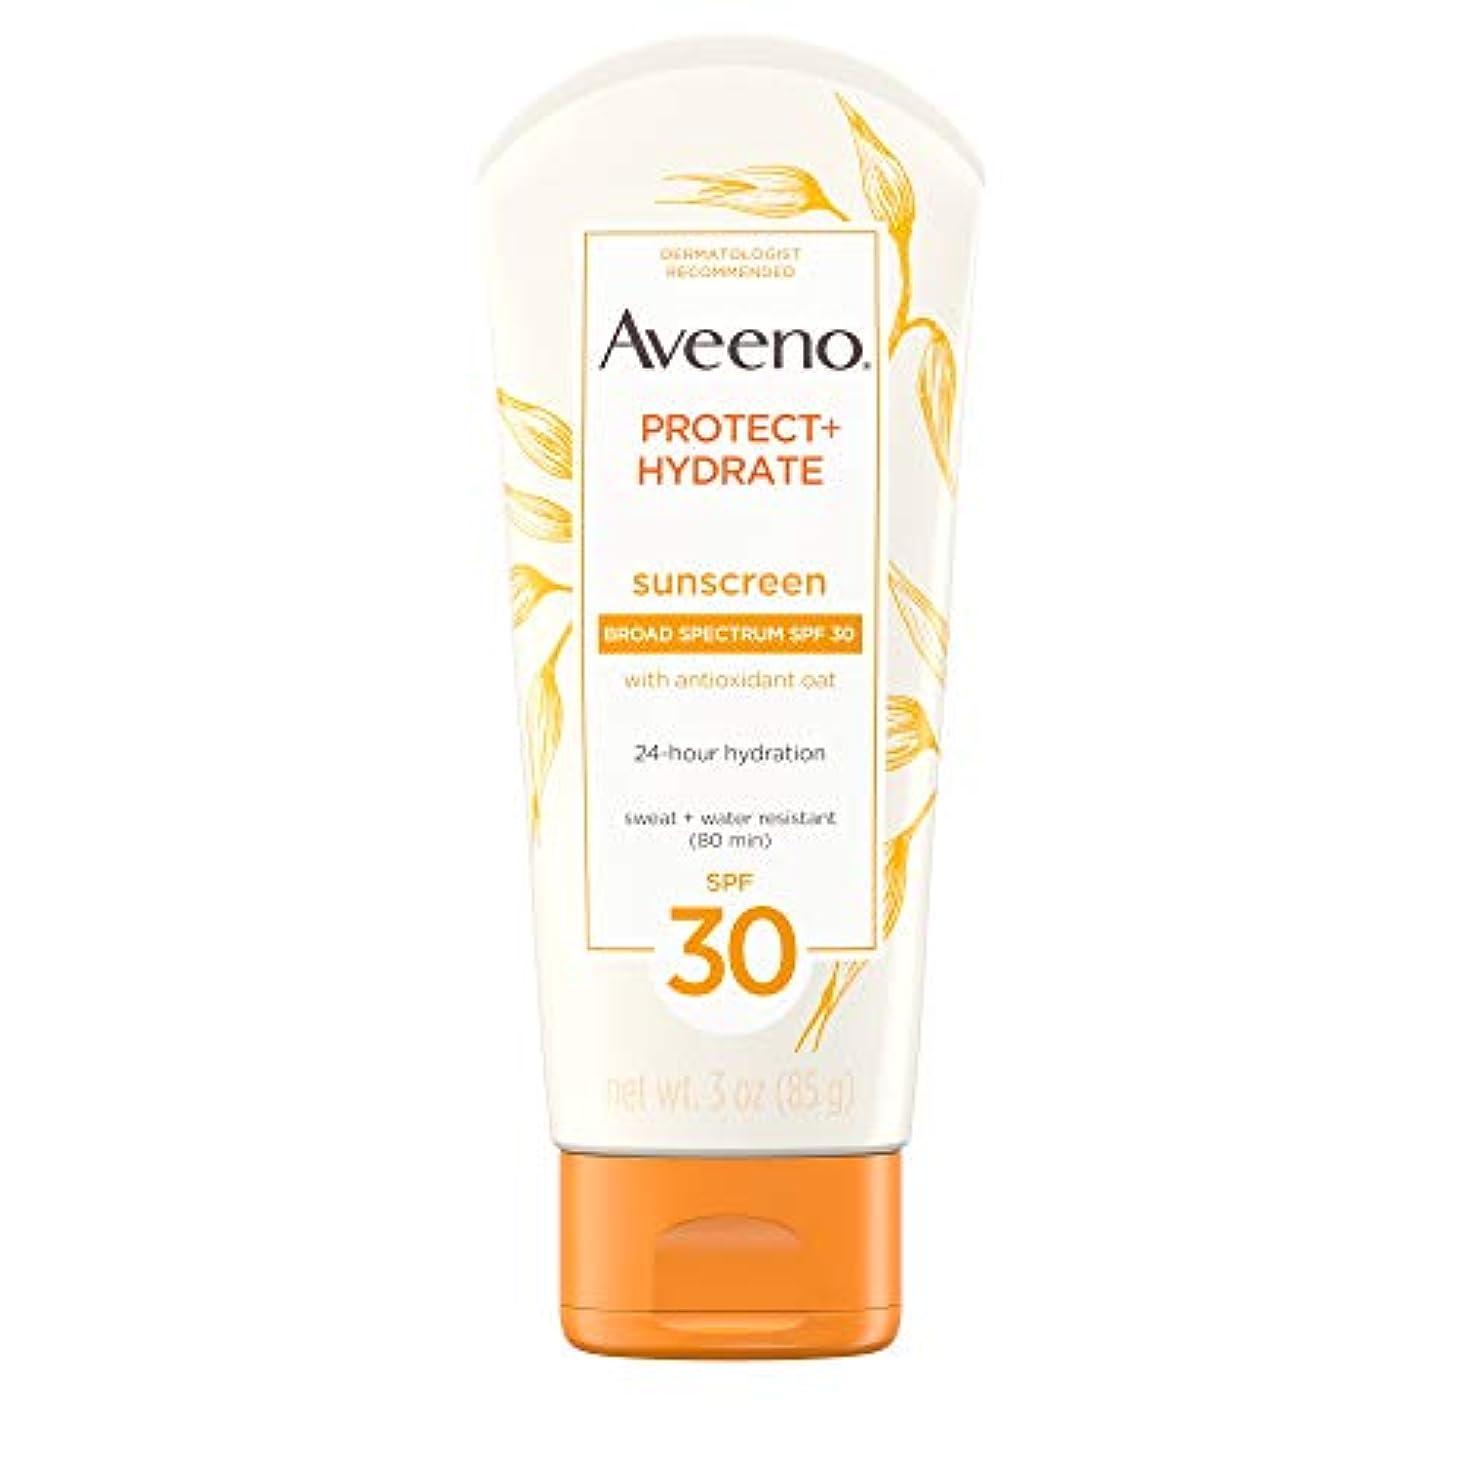 発言する柔らかさ私Aveeno アビーノ 日焼け止め ローションSPF-30 protect+hydrate Sunscreen Lotion(平行輸入品) 85g (3Oz)